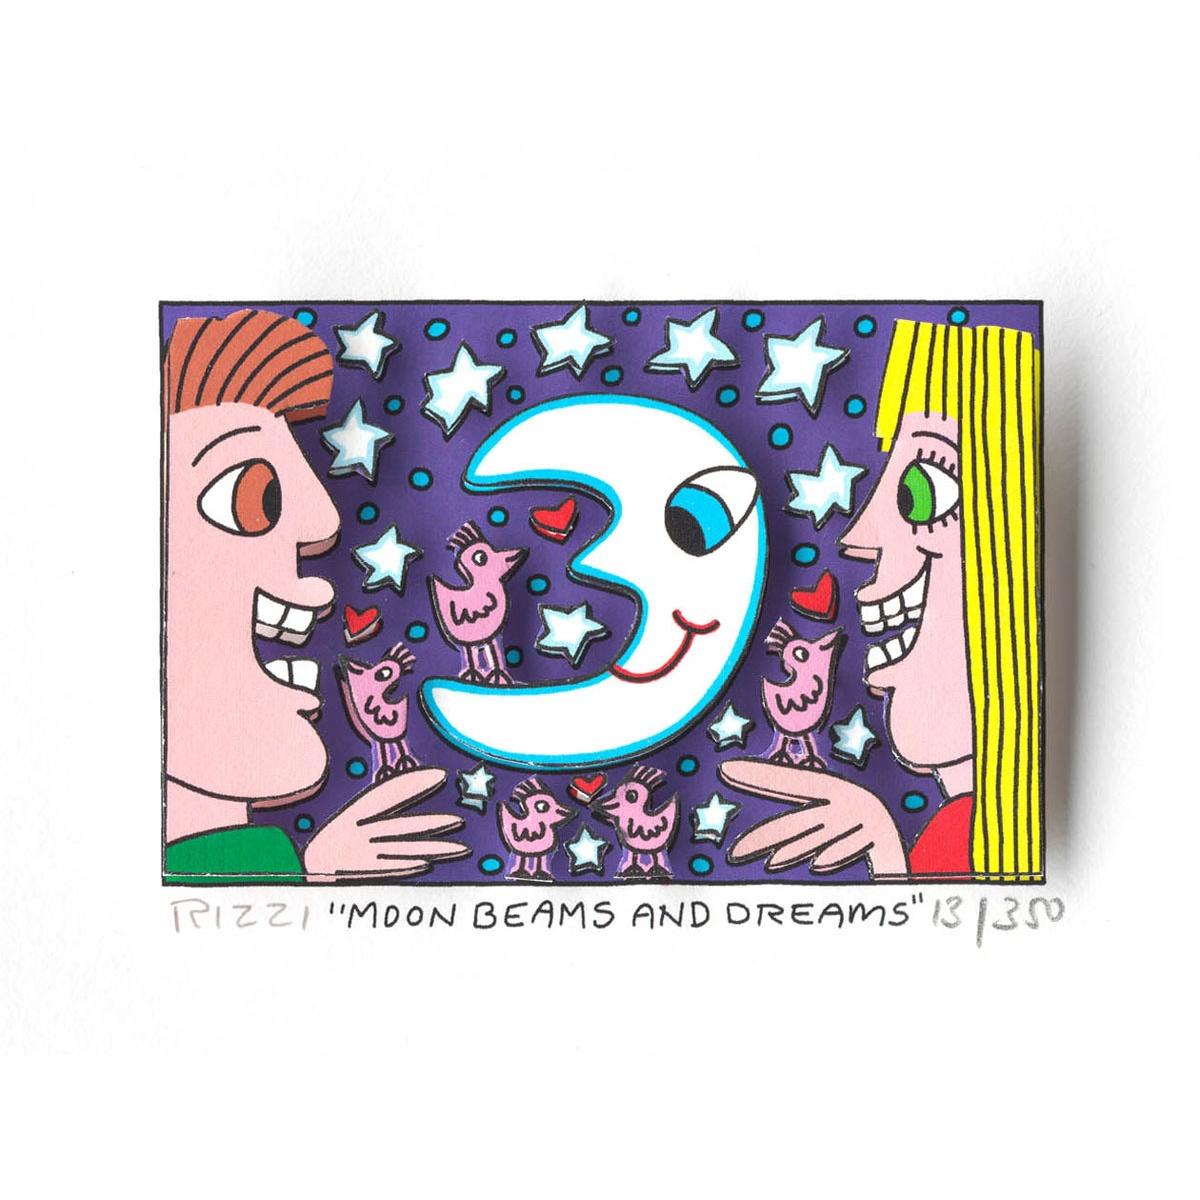 Moon beams and dreams von James Rizzi